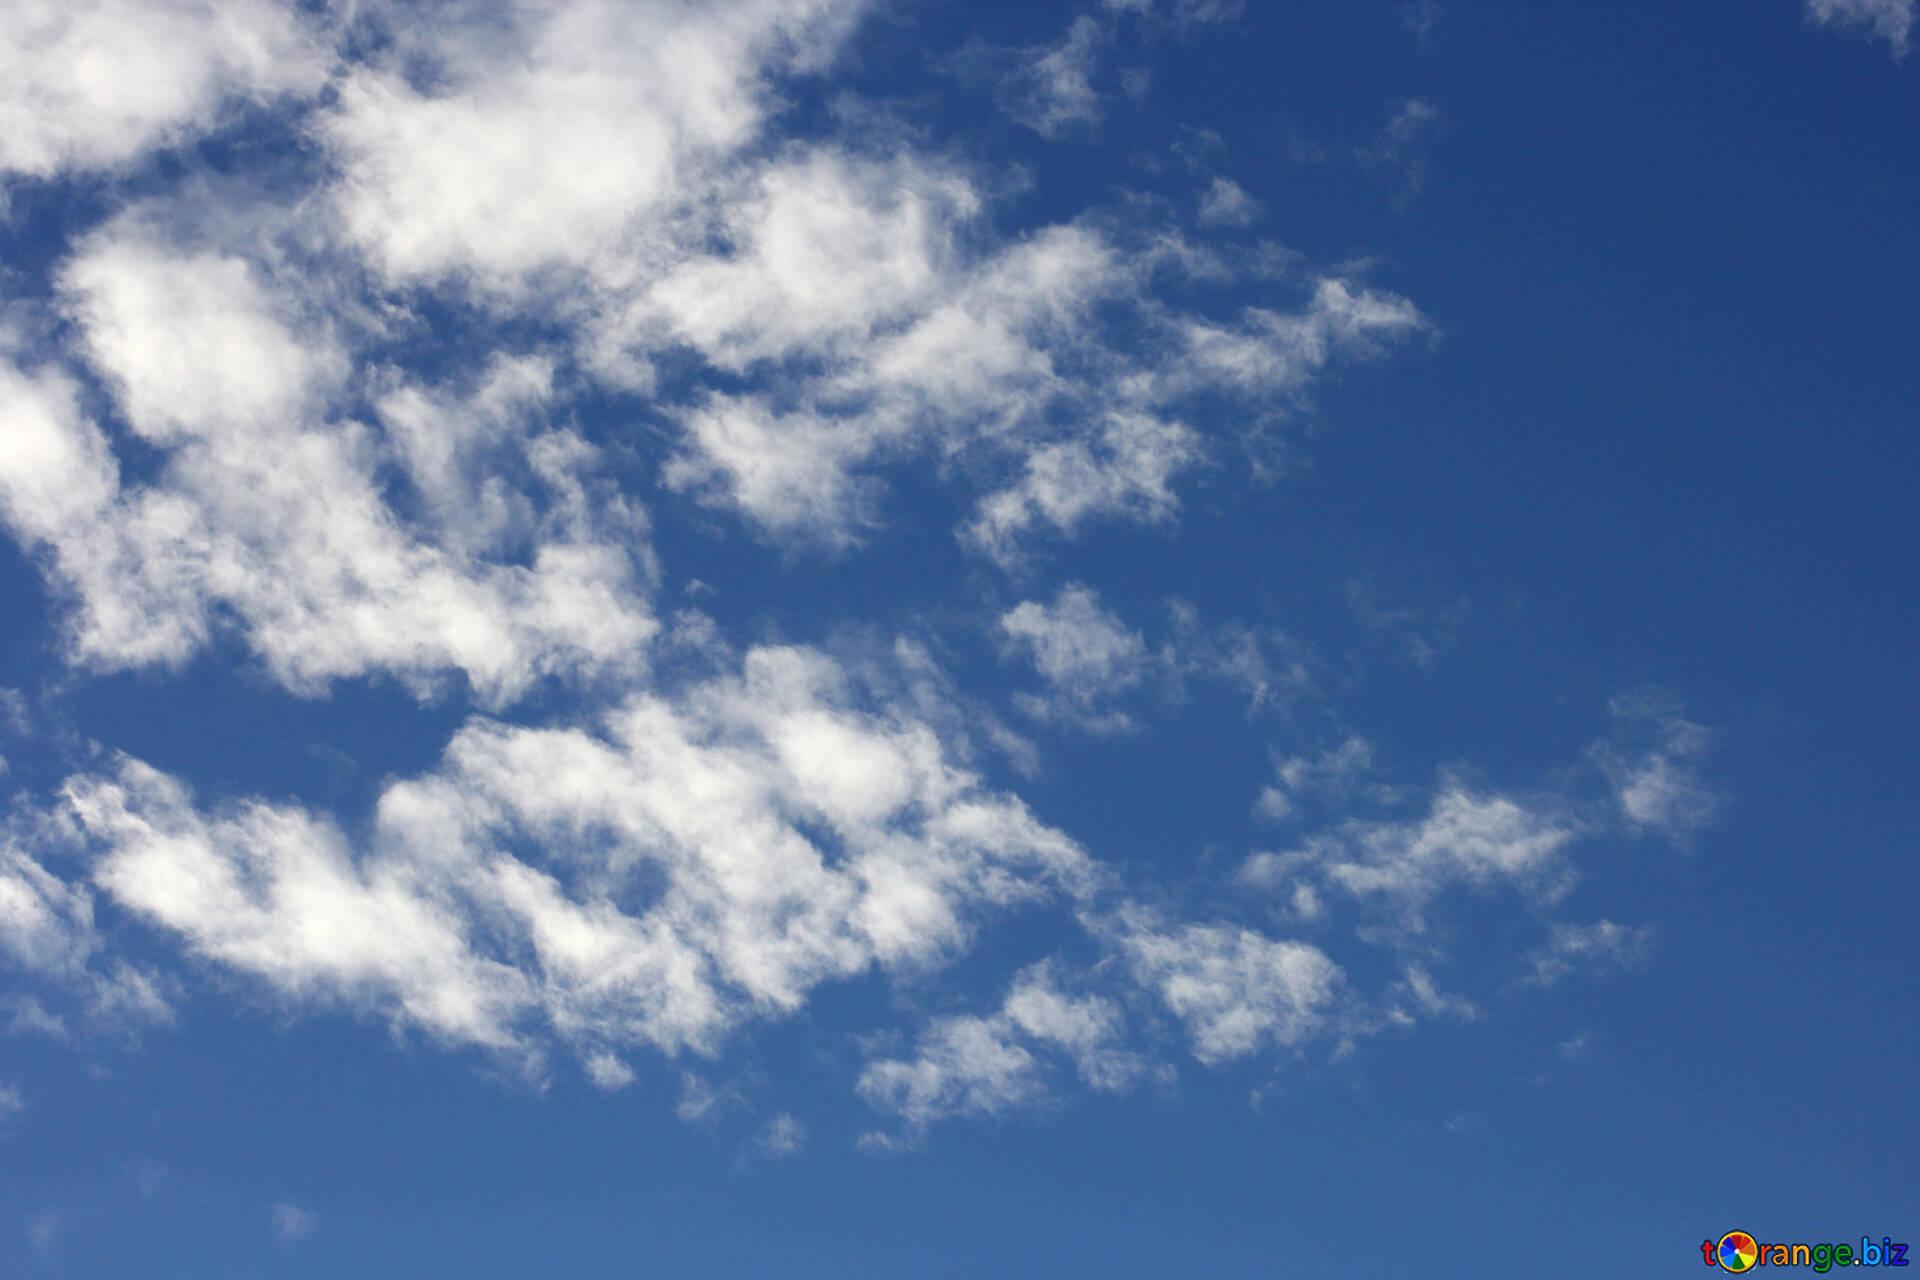 Schöner himmel schöne wolken am blauen himmel himmel № 39273